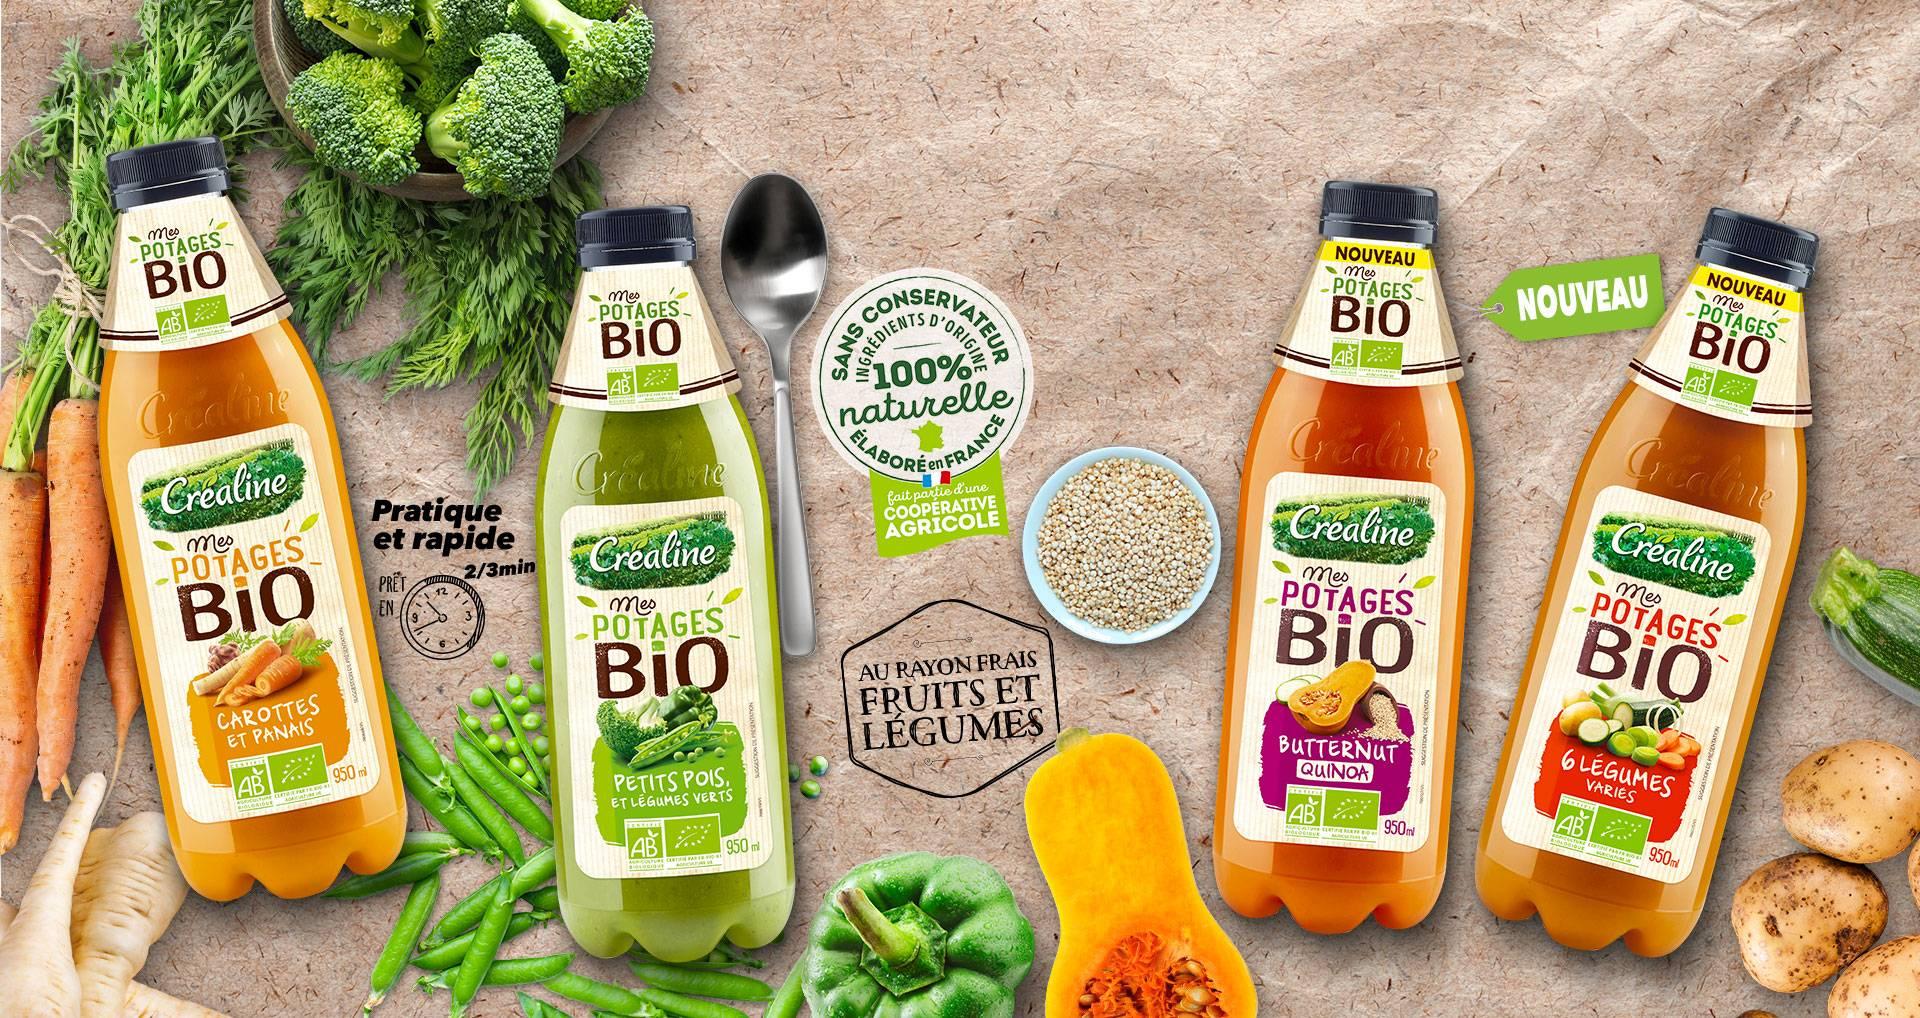 Soupes de légumes bio : carottes panais - petits pois et légumes verts - butternut et quinoa - 6 légumes variés